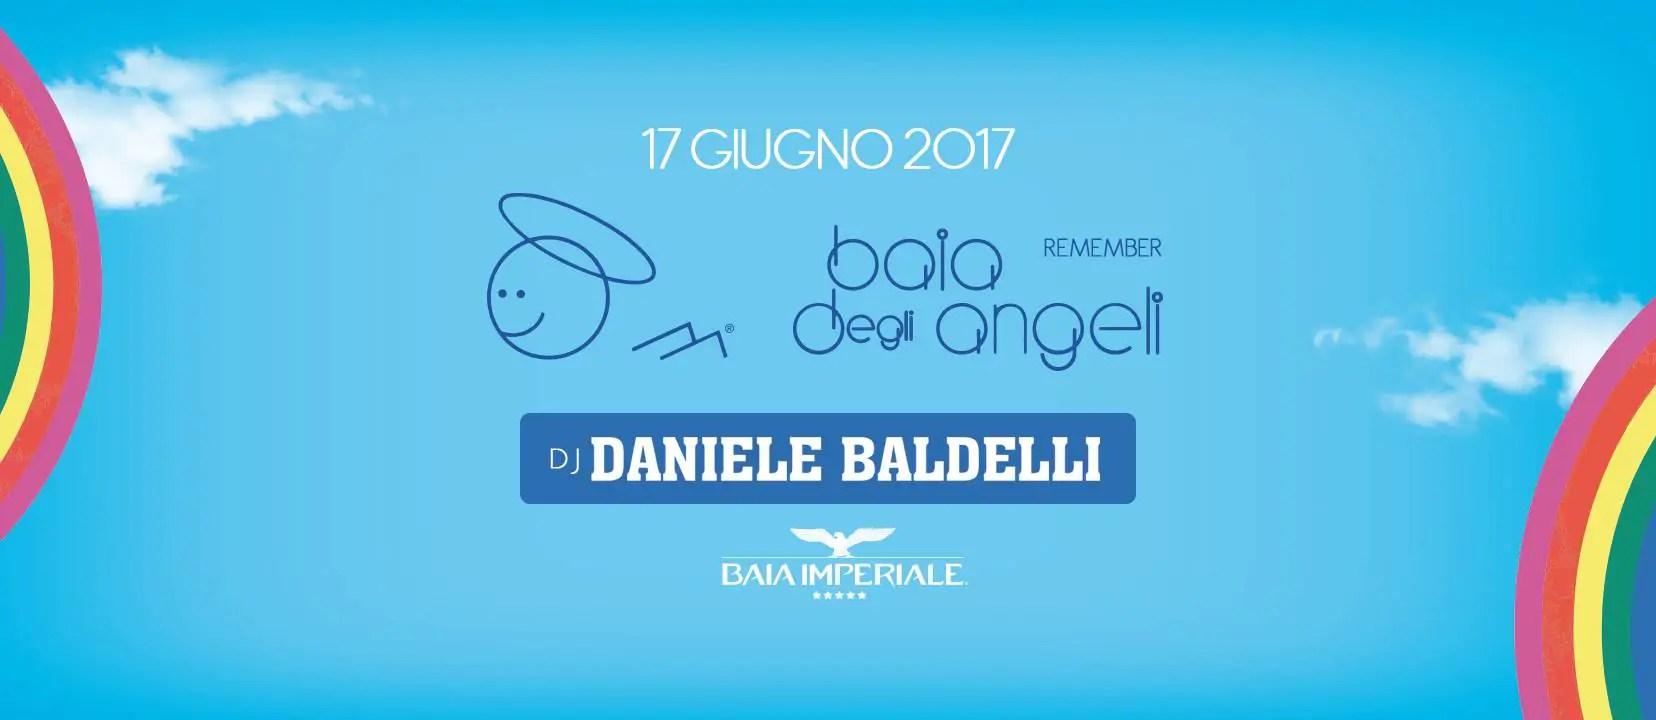 Sabato 17 Giugno 2017 Baia Imperiale Baia degli Angeli Prezzi Ticket Prevendite Biglietti Tavoli Liste Pacchetti Hotel